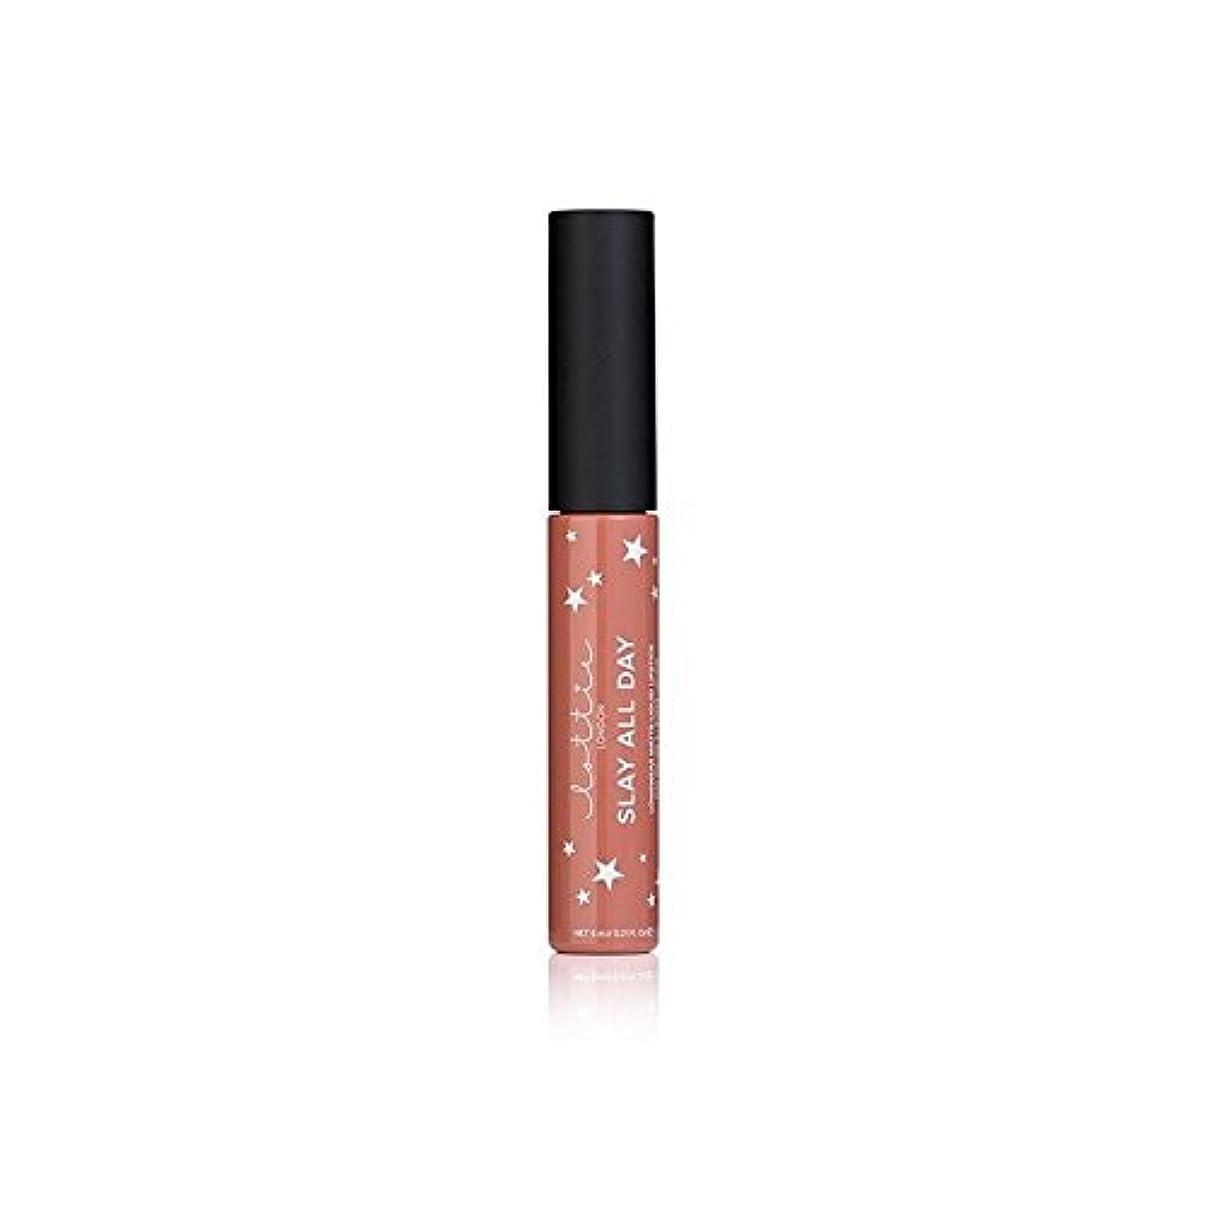 劇場車両ハードウェア- ロンドンマット液体口紅を x4 - Lottie London Matte Liquid Lipstick - Fleek (Pack of 4) [並行輸入品]